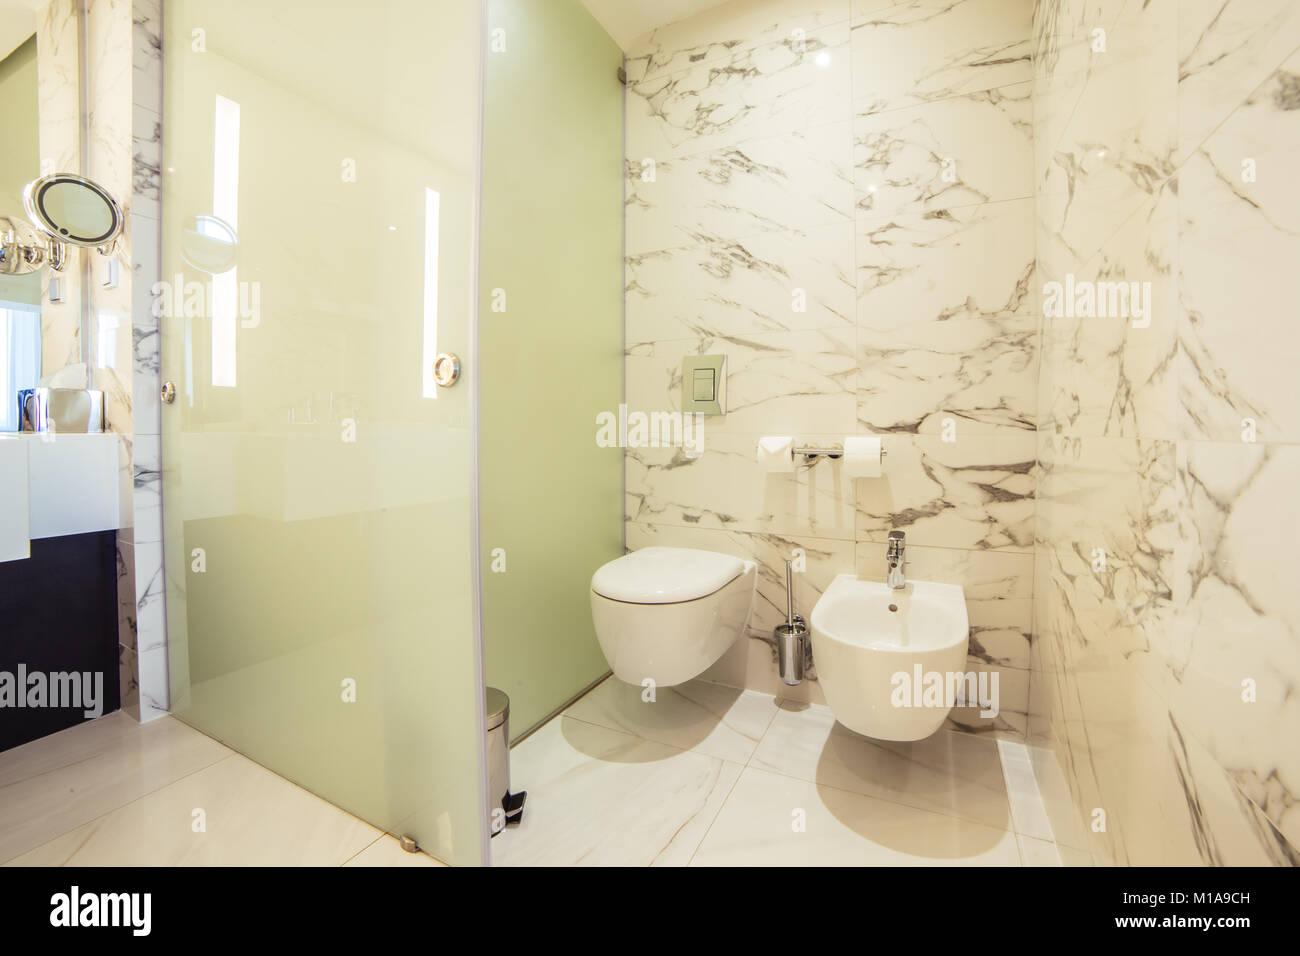 Designer Badezimmer mit Dusche Fliesen Stockfoto, Bild ...